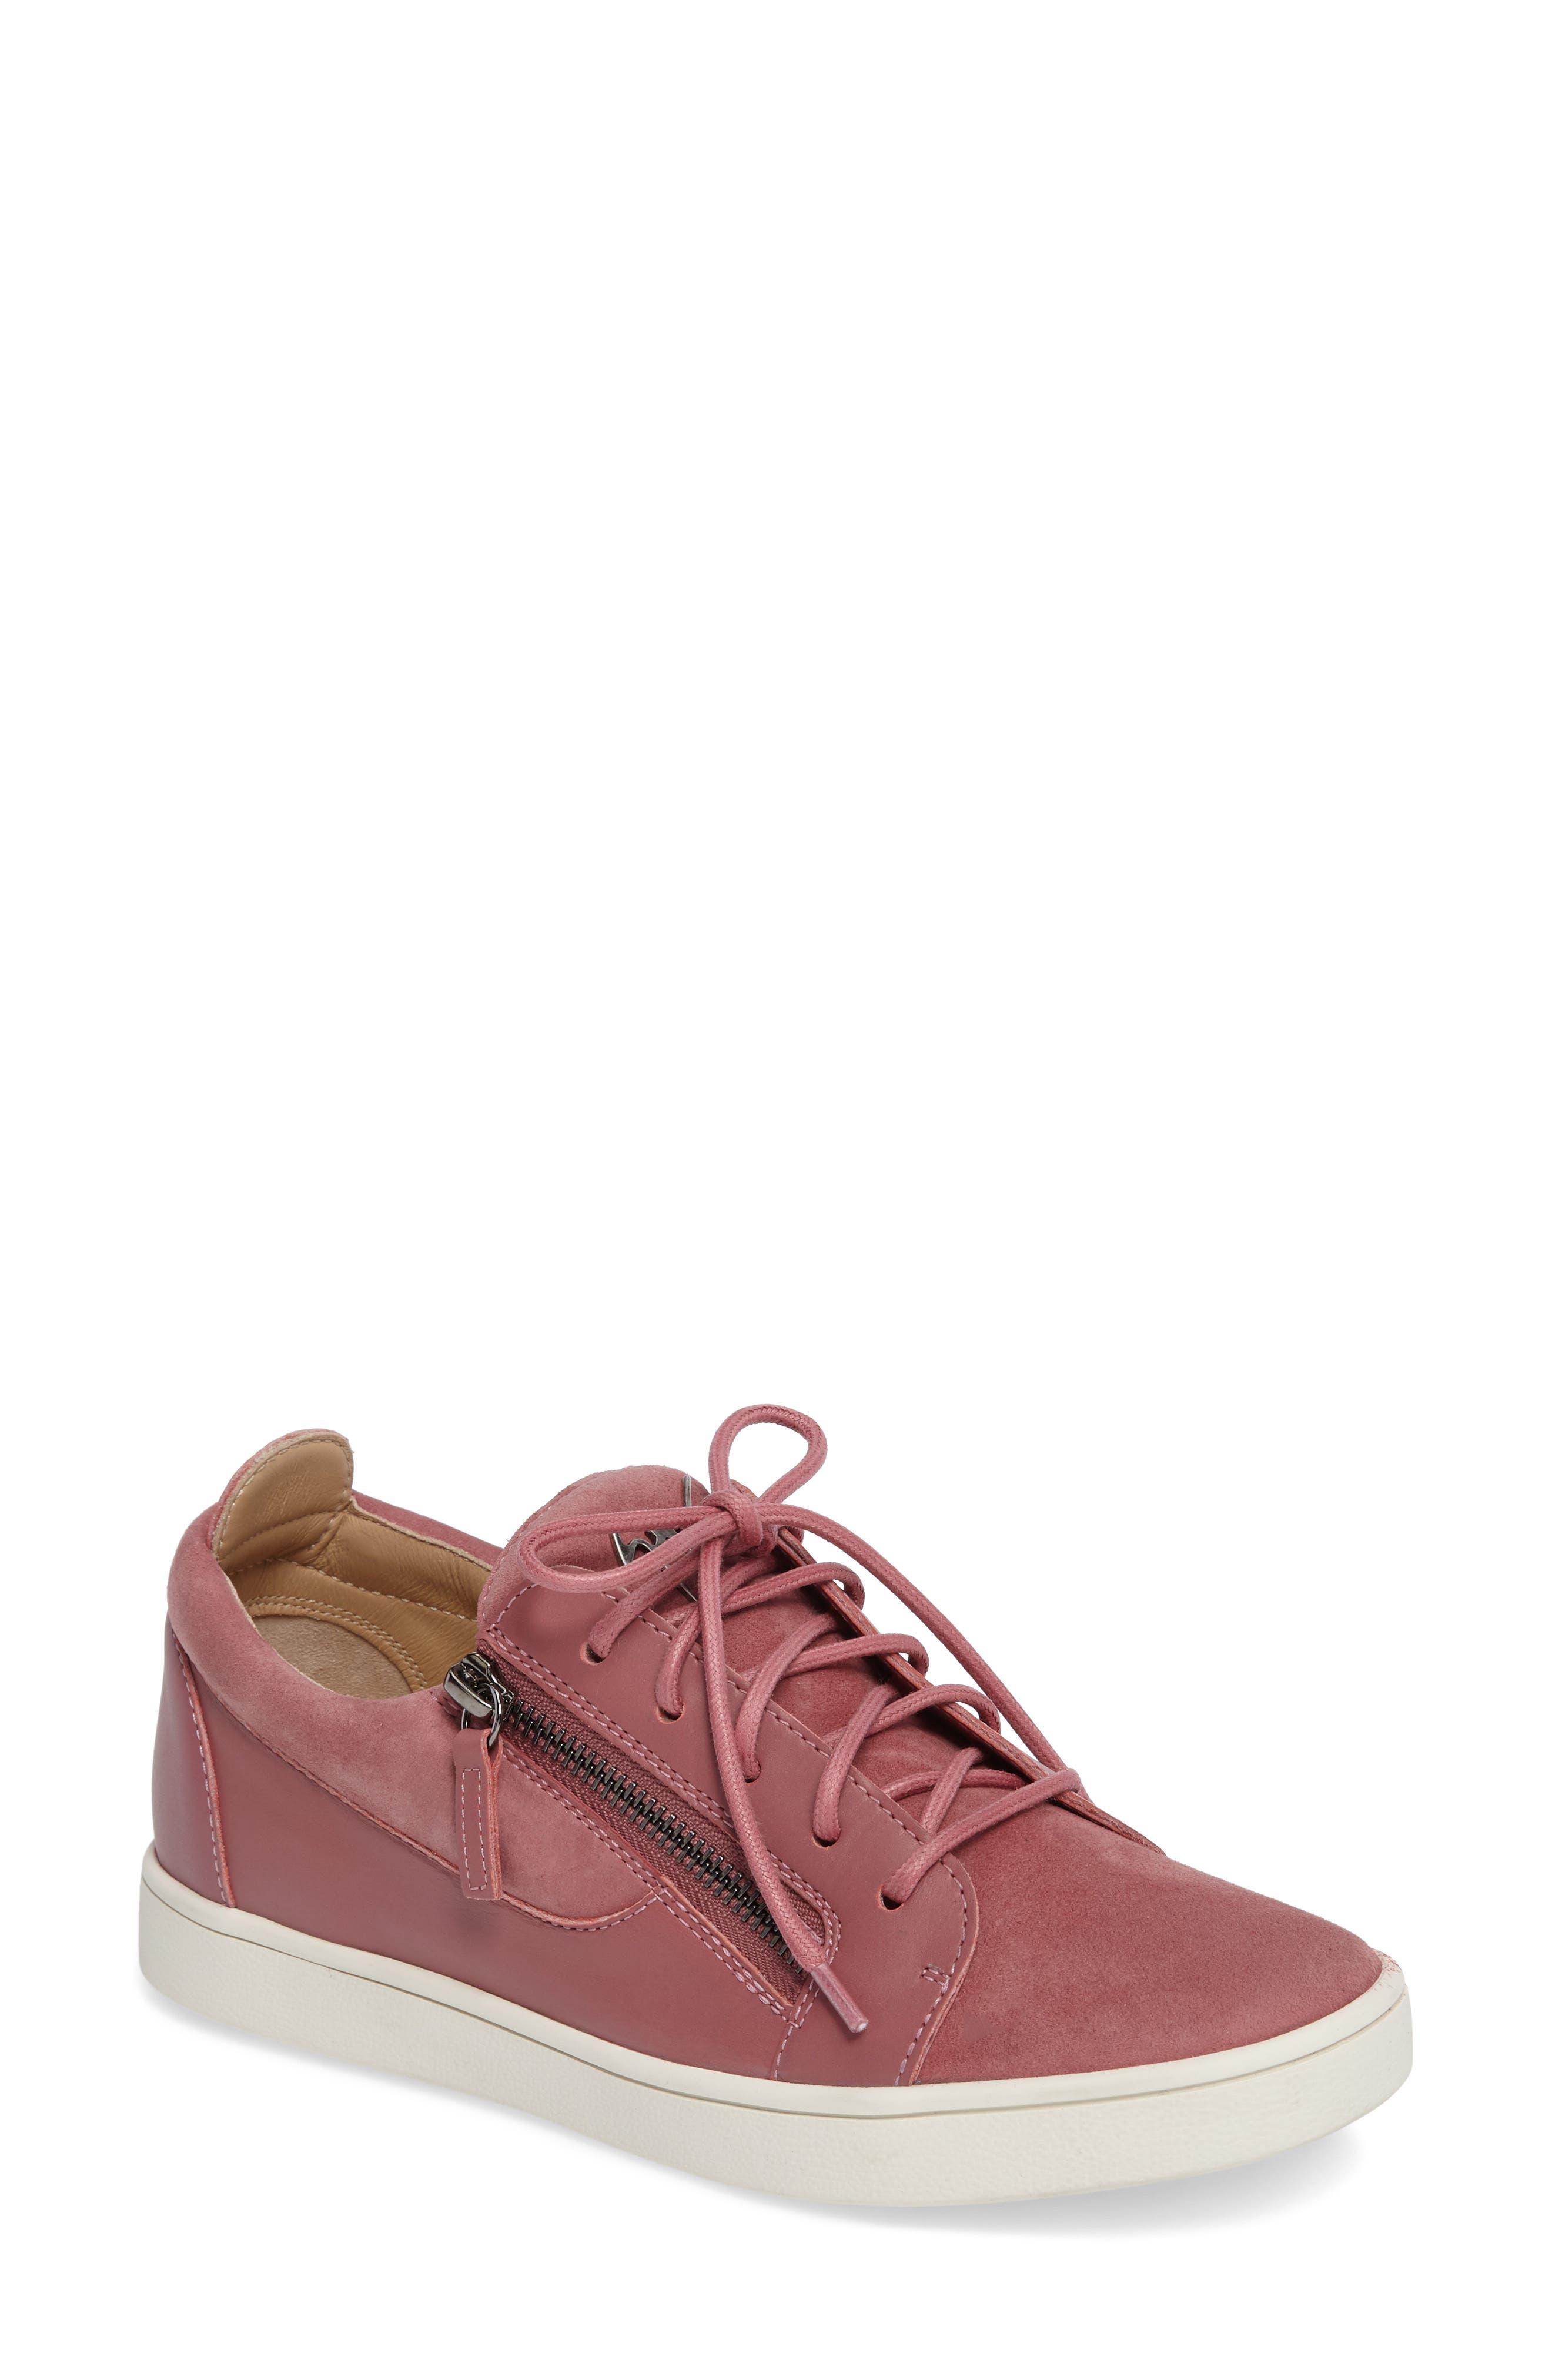 GIUSEPPE ZANOTTI Low Top Zip Sneaker